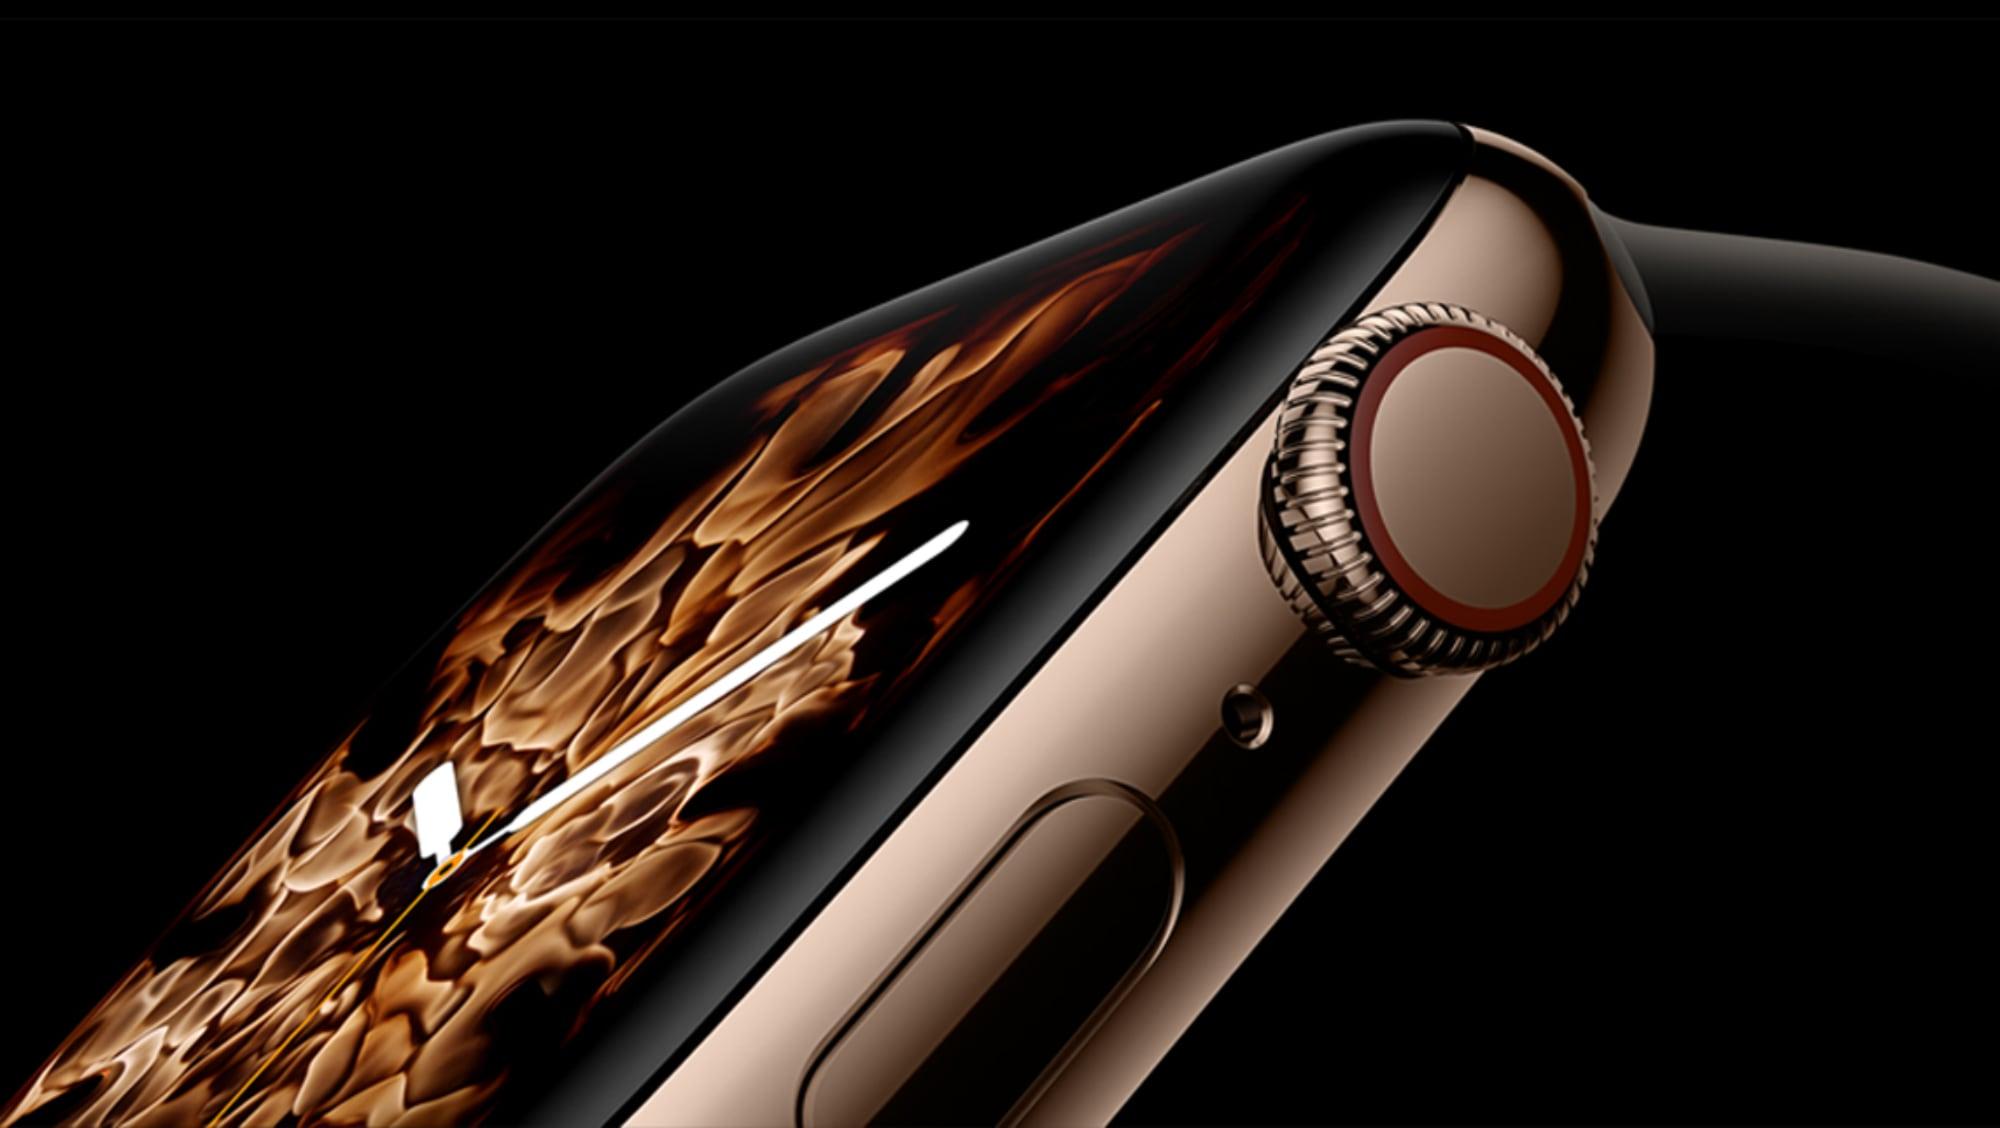 Apple Watch Series 4 продаются хуже предыдущих моделей?